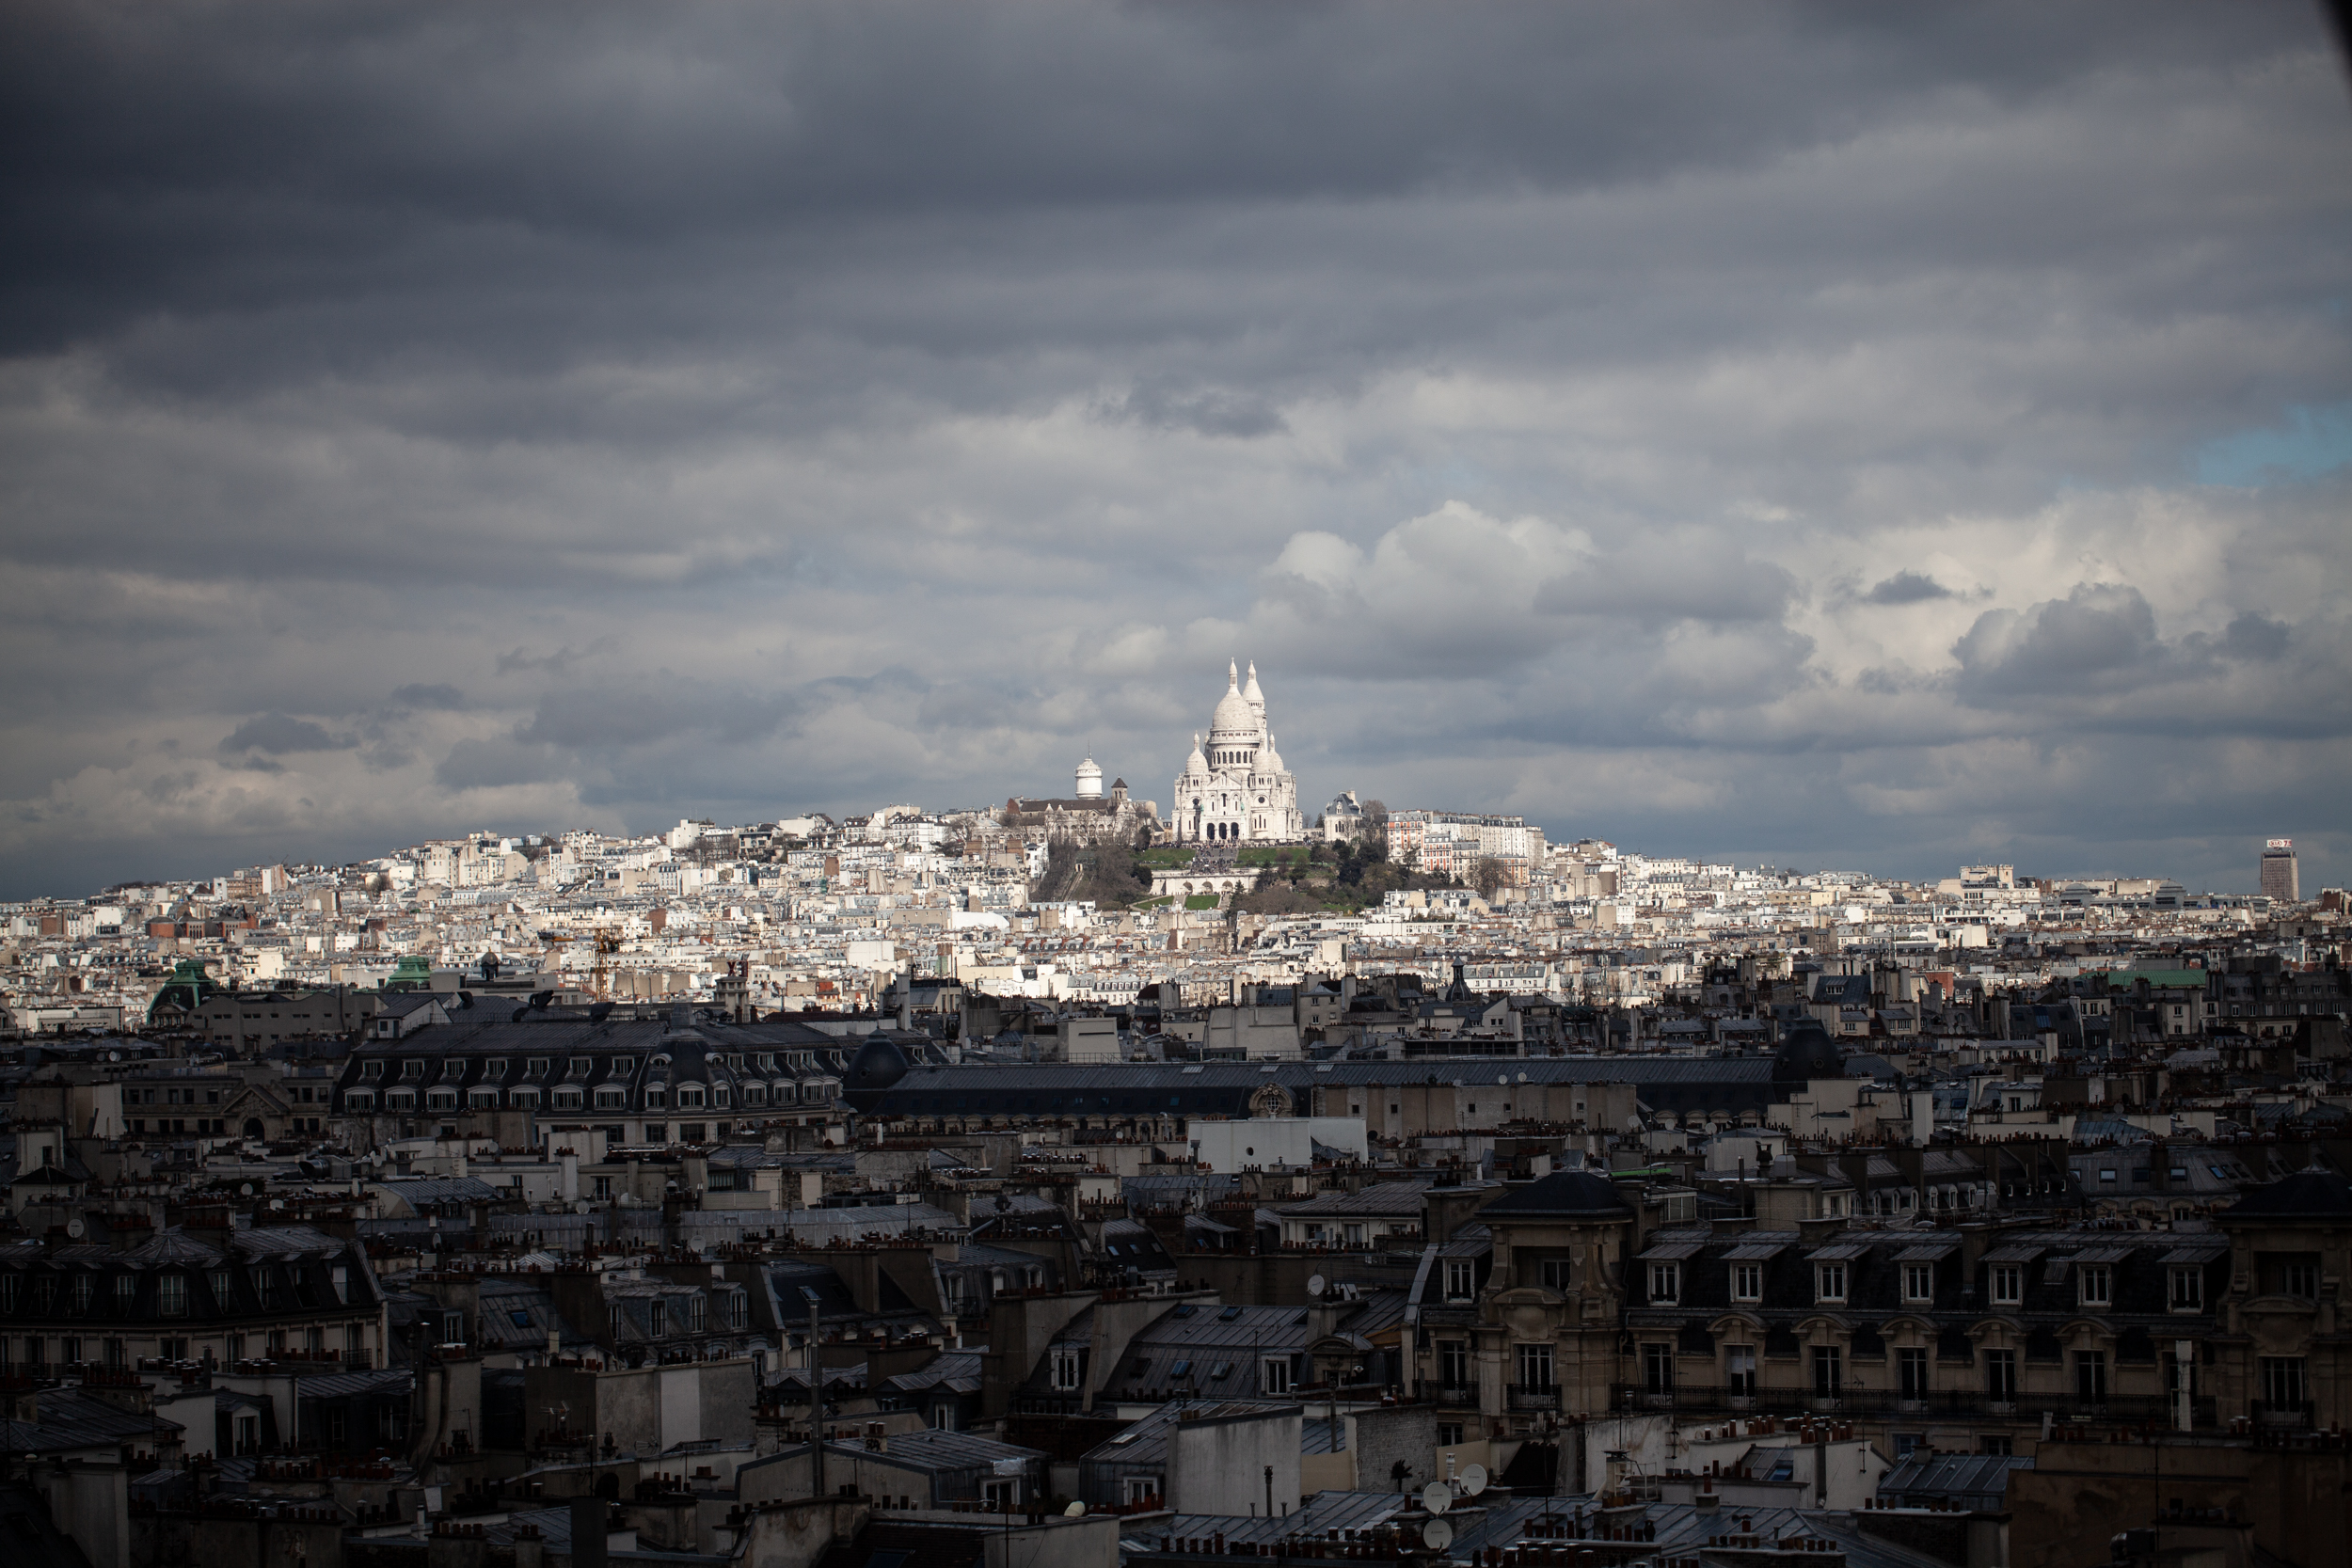 Montmartre, 18th arrondissement | Paris, France